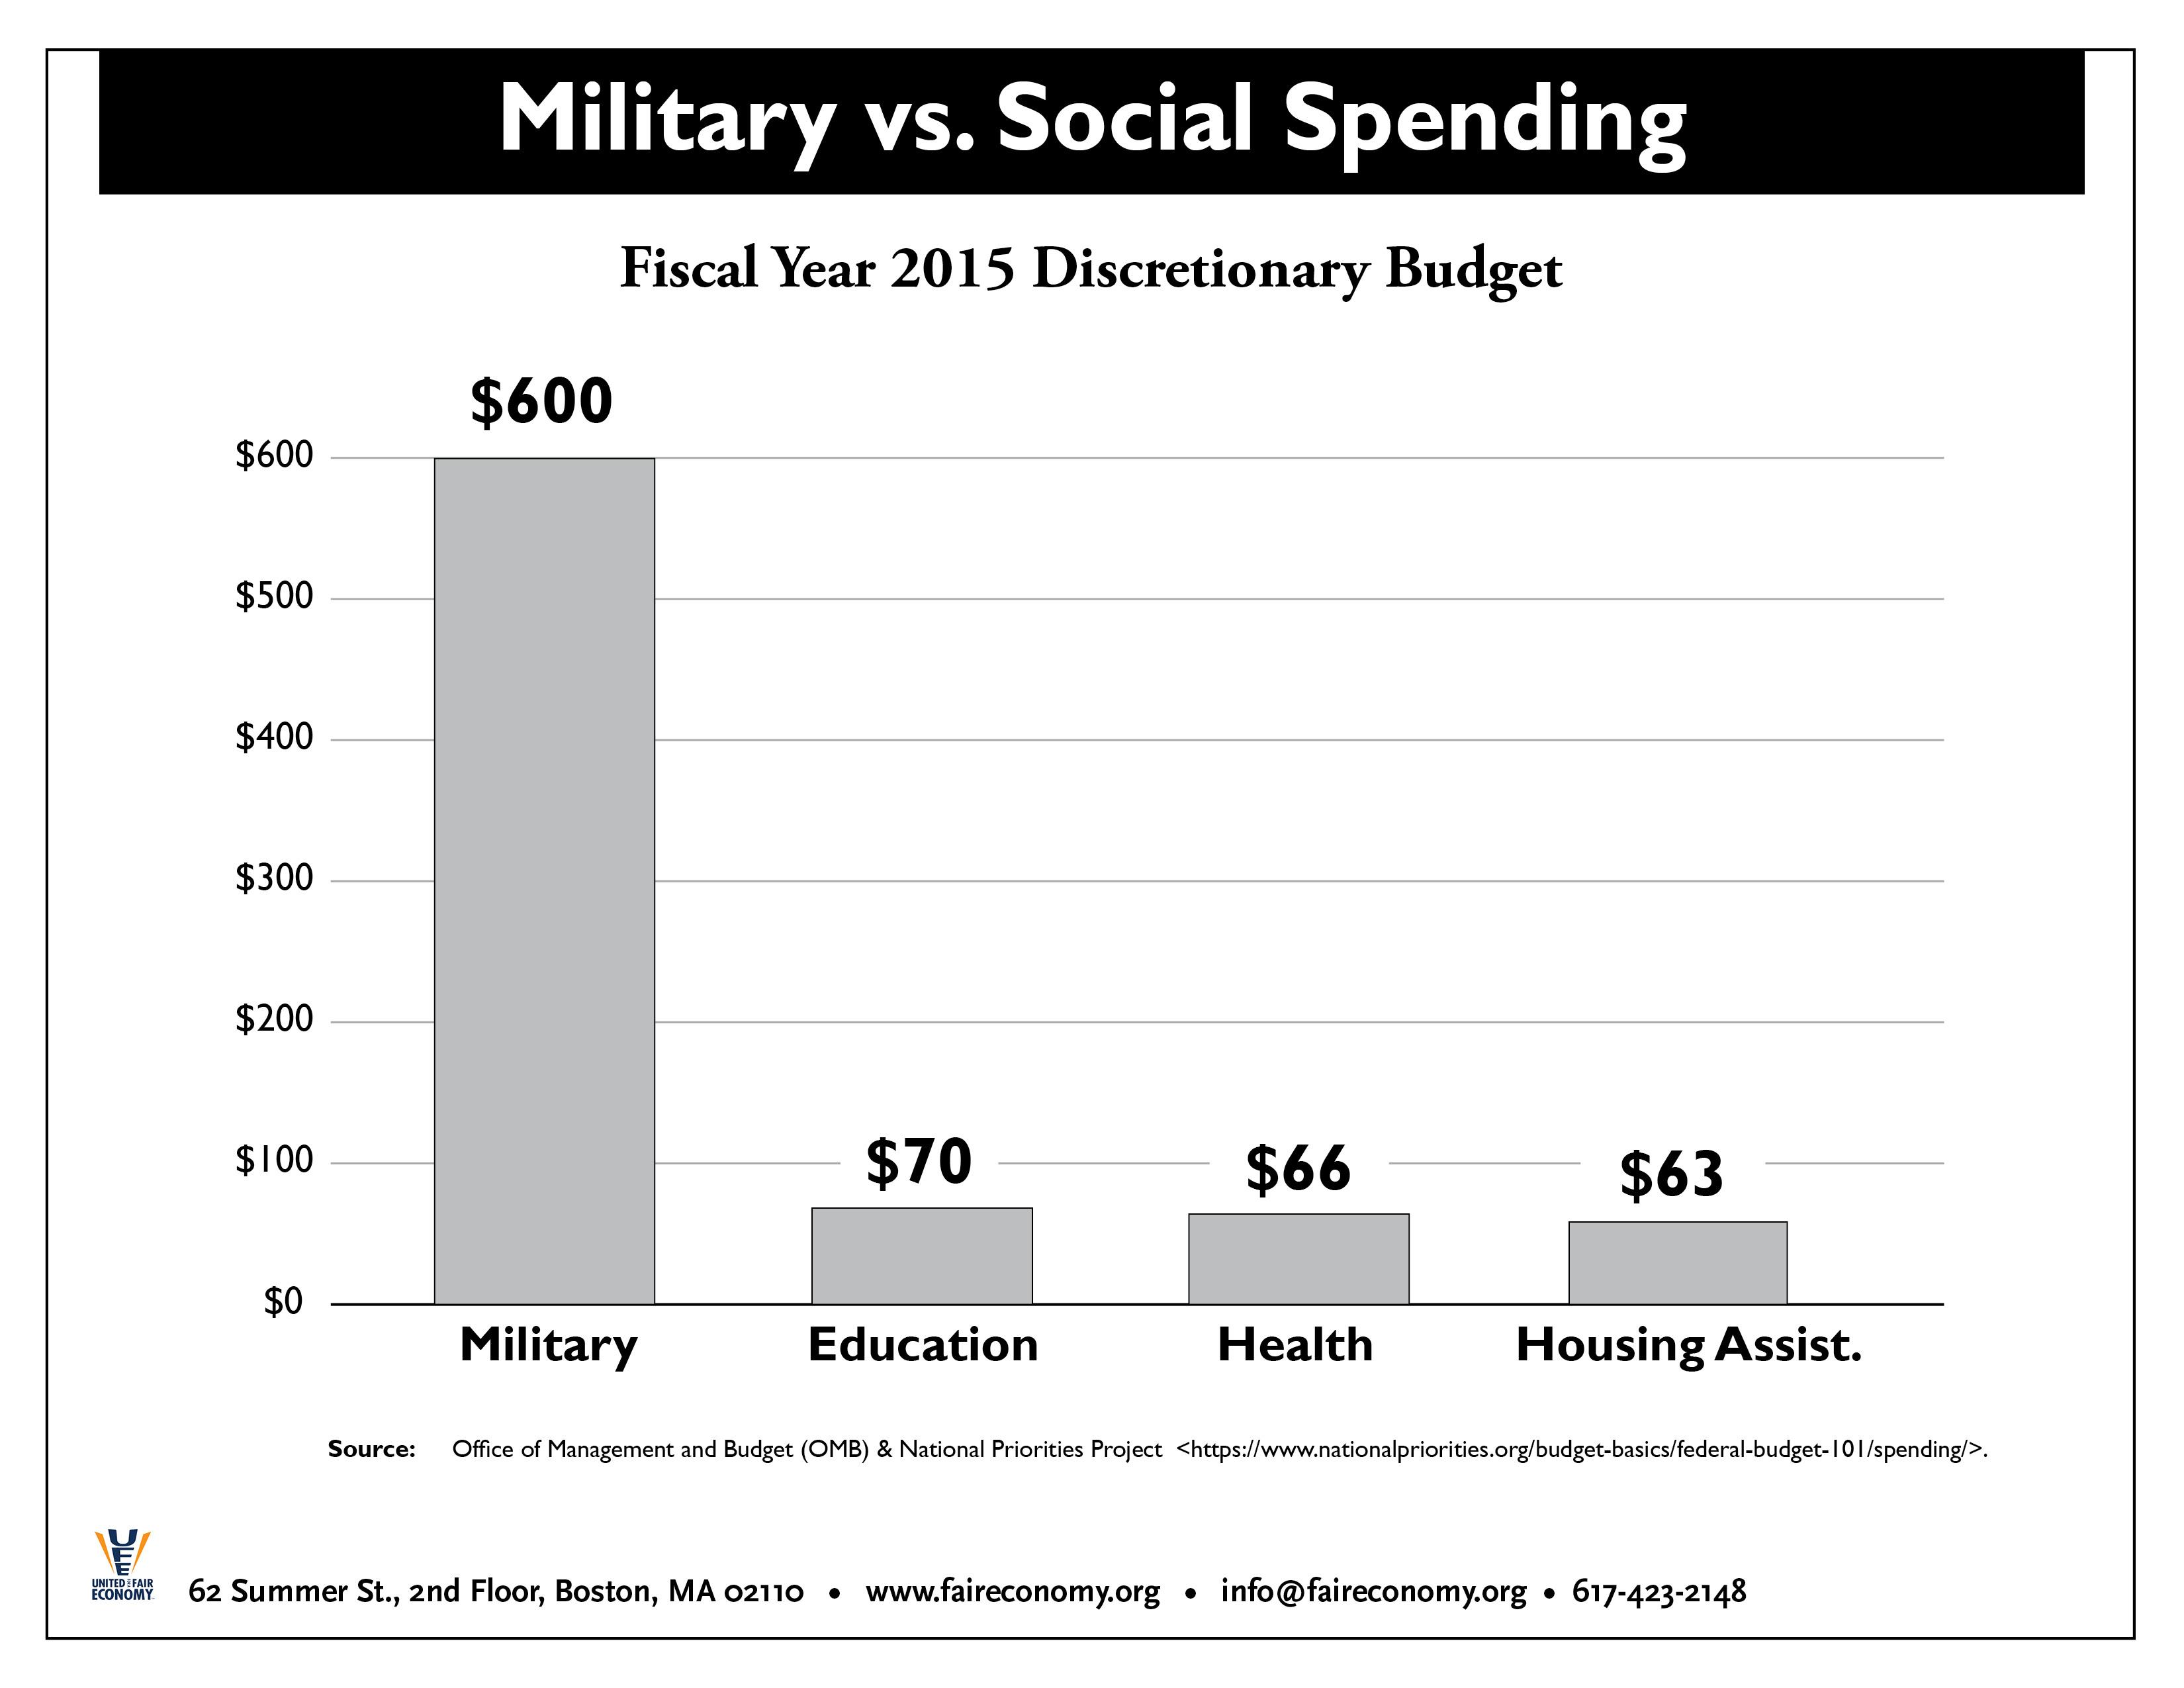 Military_v._Social_Spending_FY2015.jpg